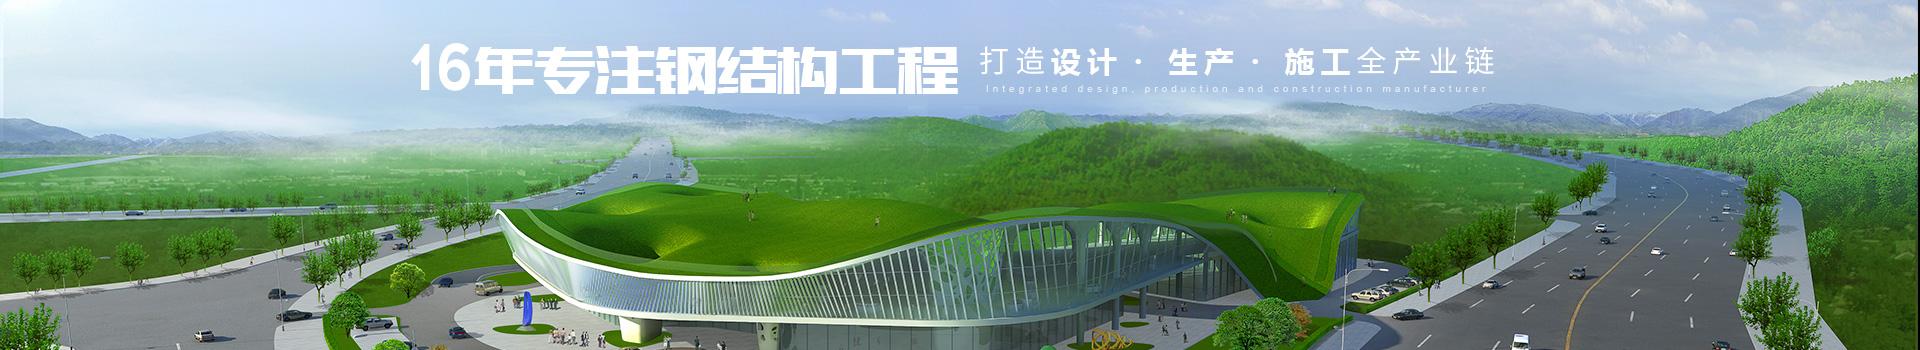 景典-钢结构工程